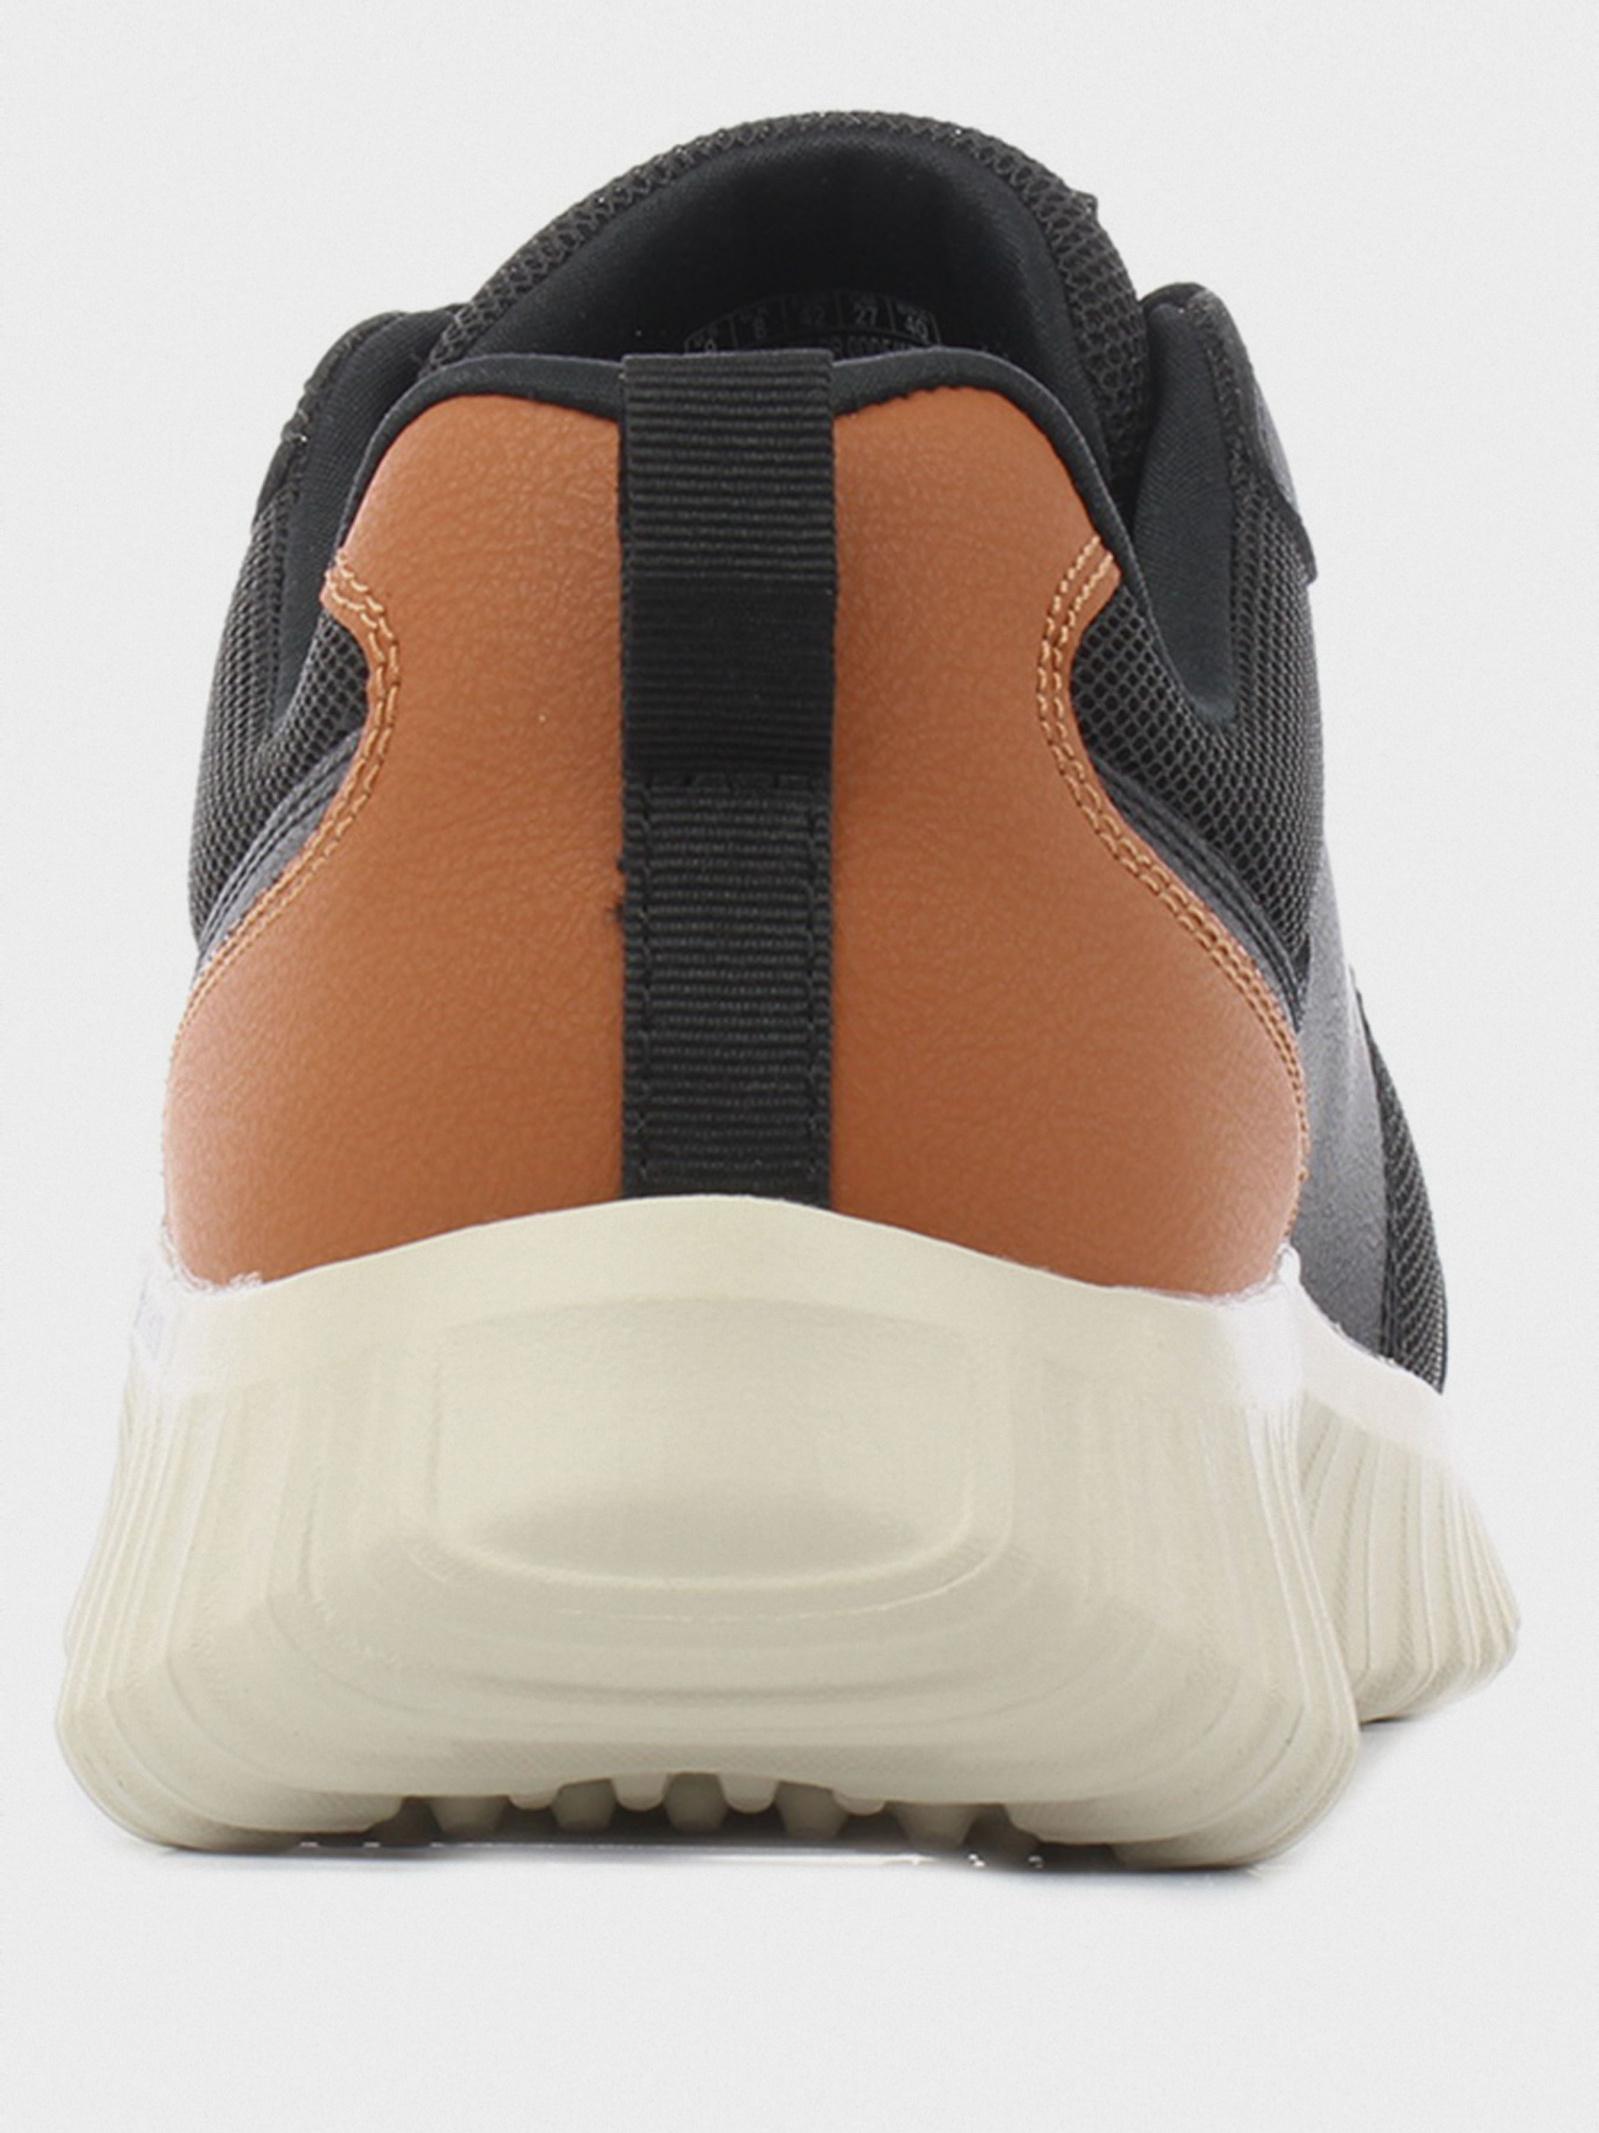 Кросівки  чоловічі Skechers 232086 WTBK 232086 WTBK купити в Iнтертоп, 2017